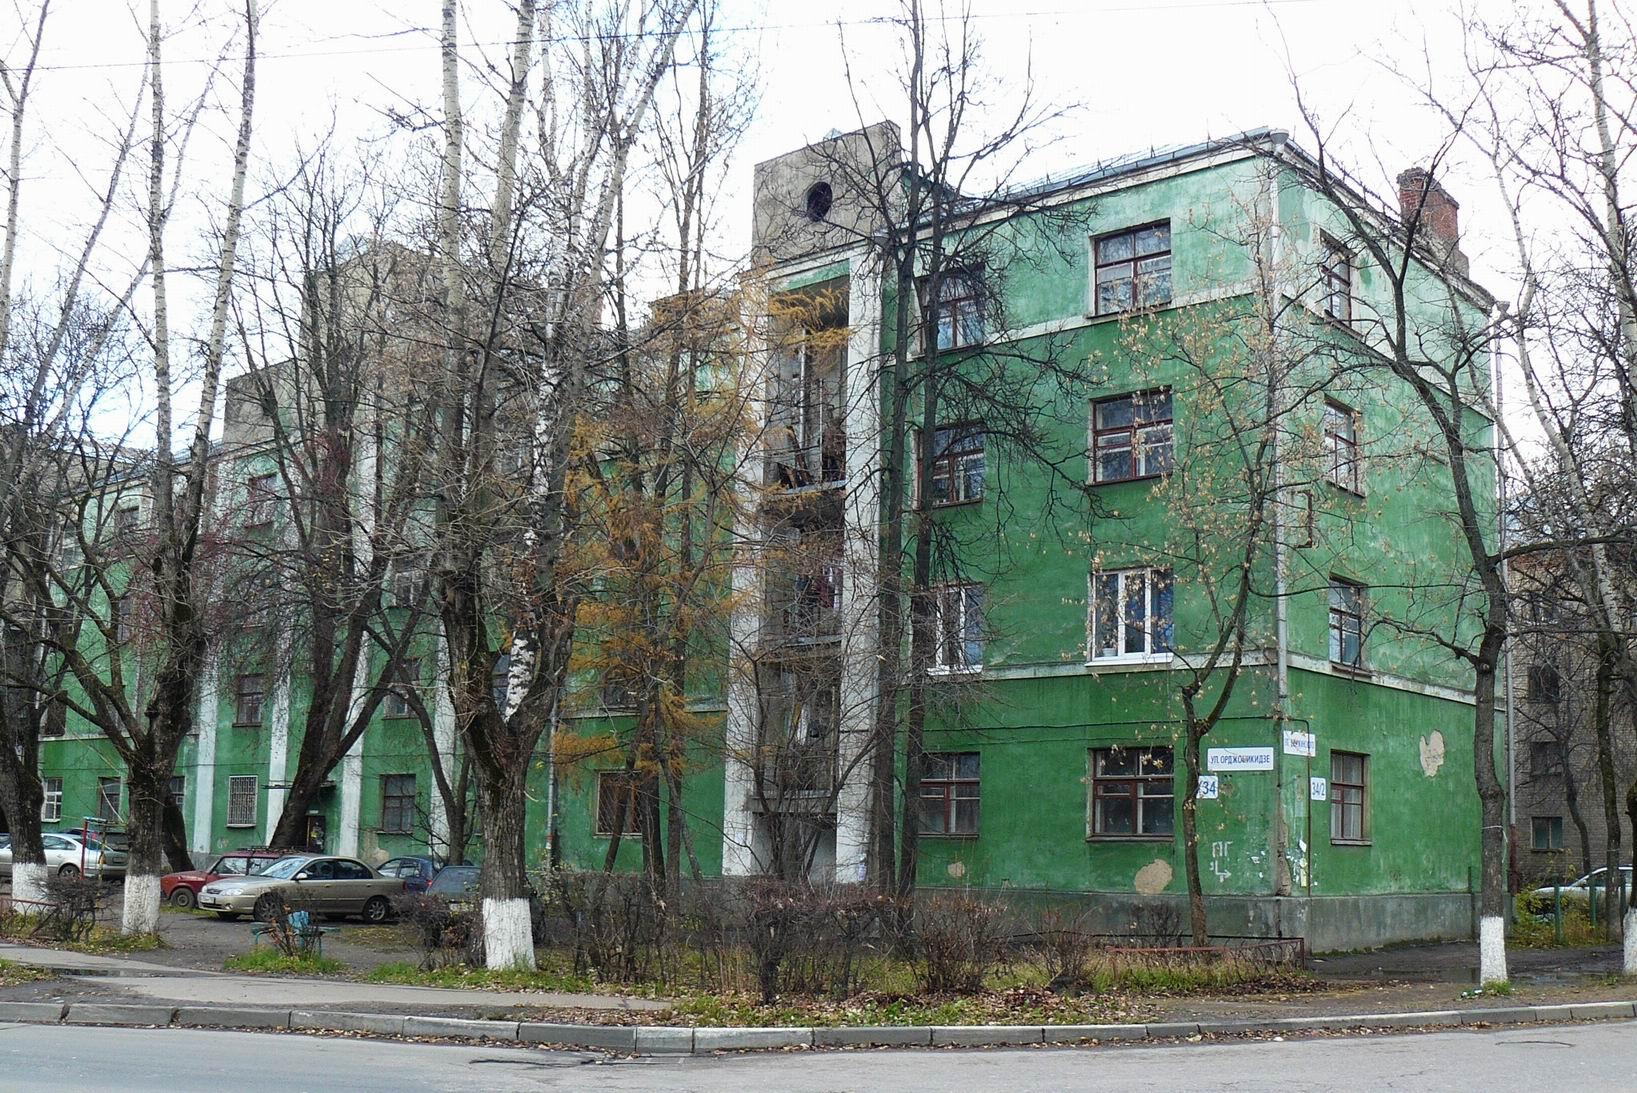 Адрес поликлиники на советской